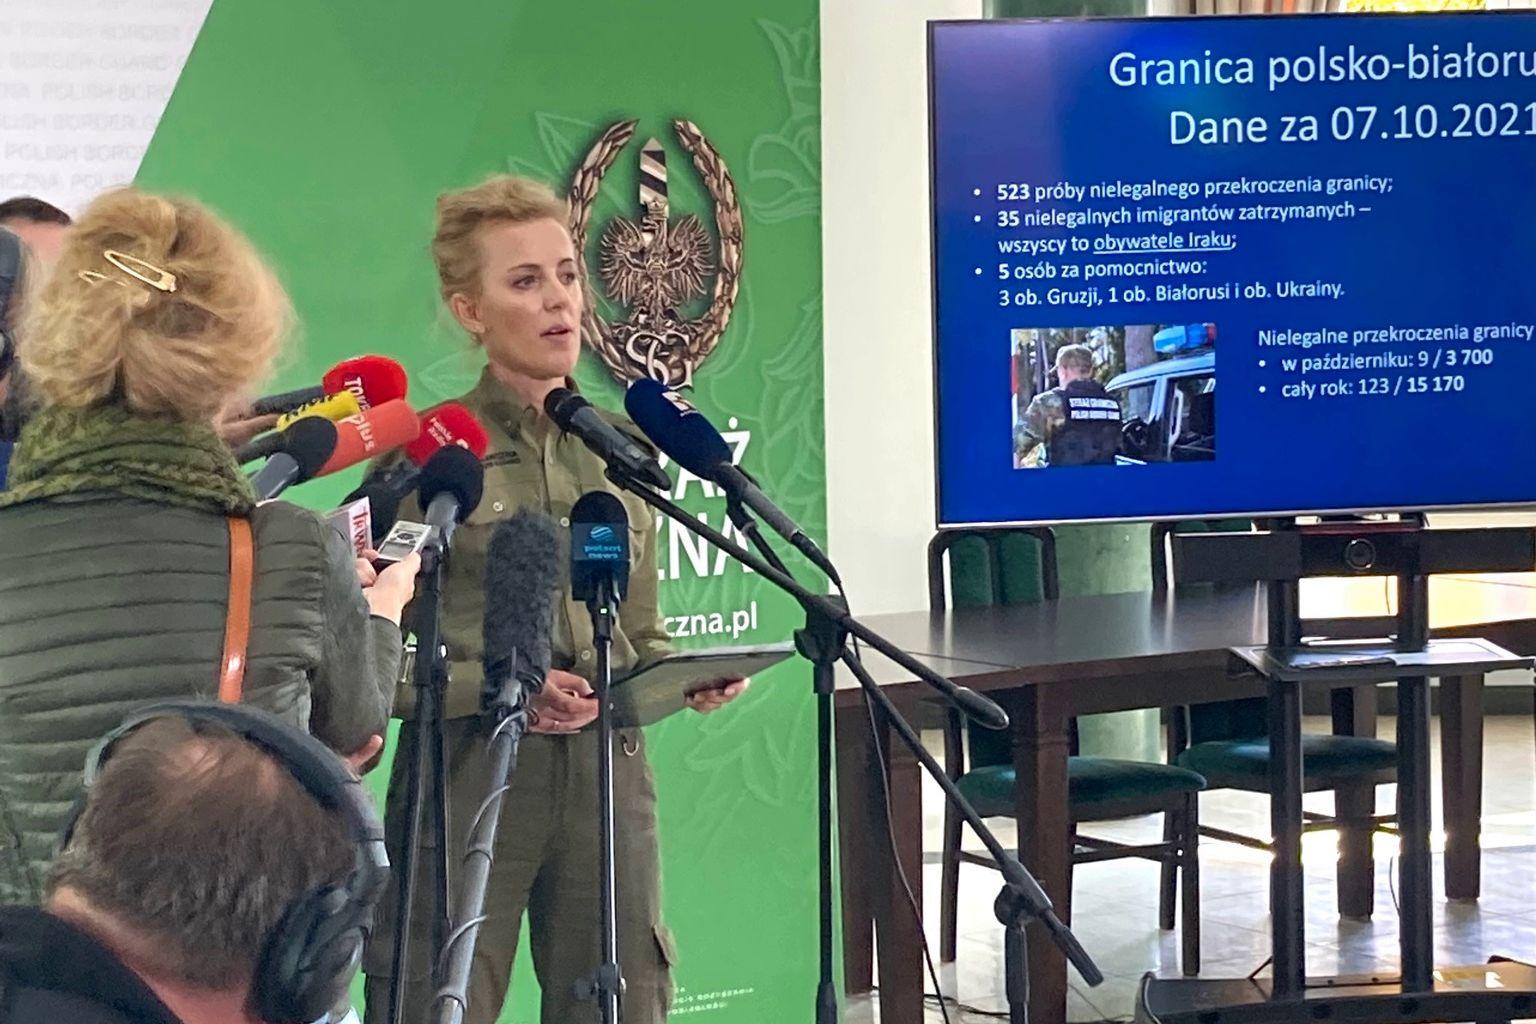 Пограничники Беларуси обстреляли территорию Польши: Лукашенко повышает ставки